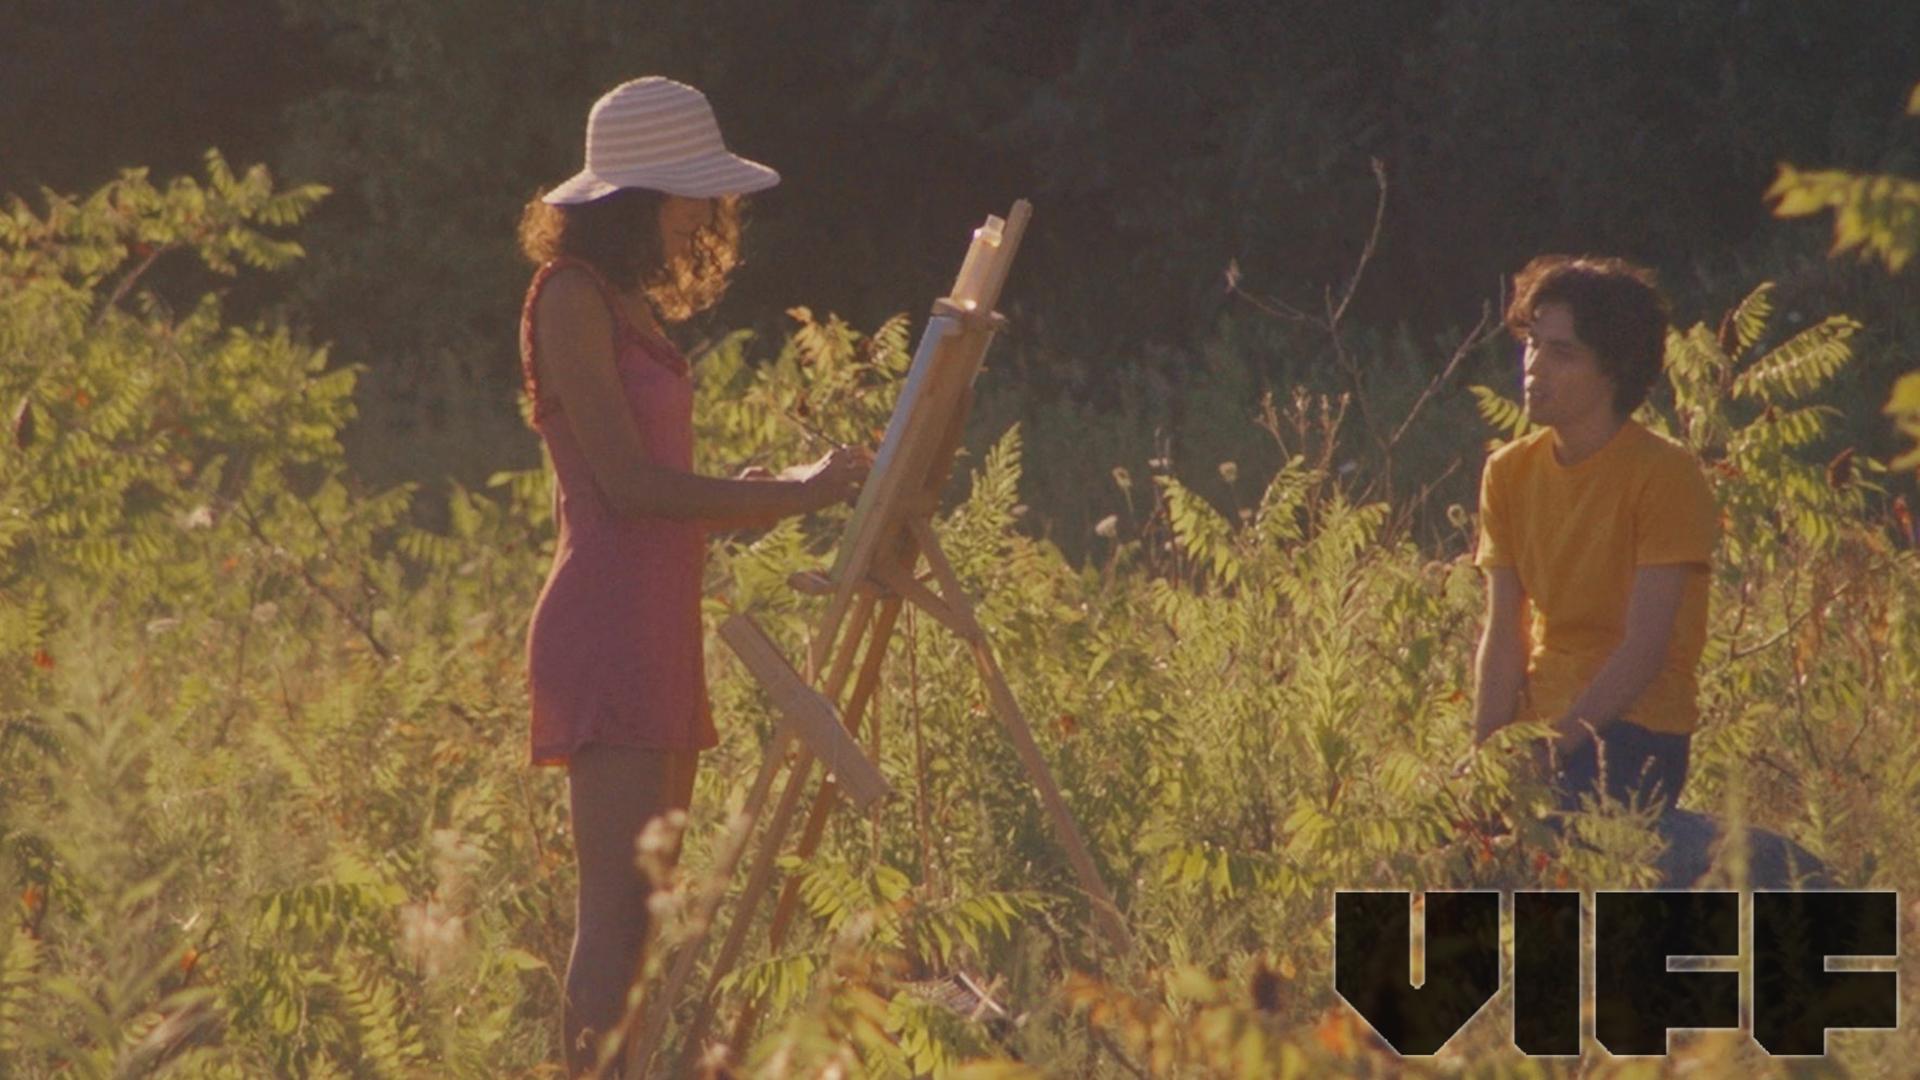 [VIFF] Sélection de 5 courts métrages nord-américains